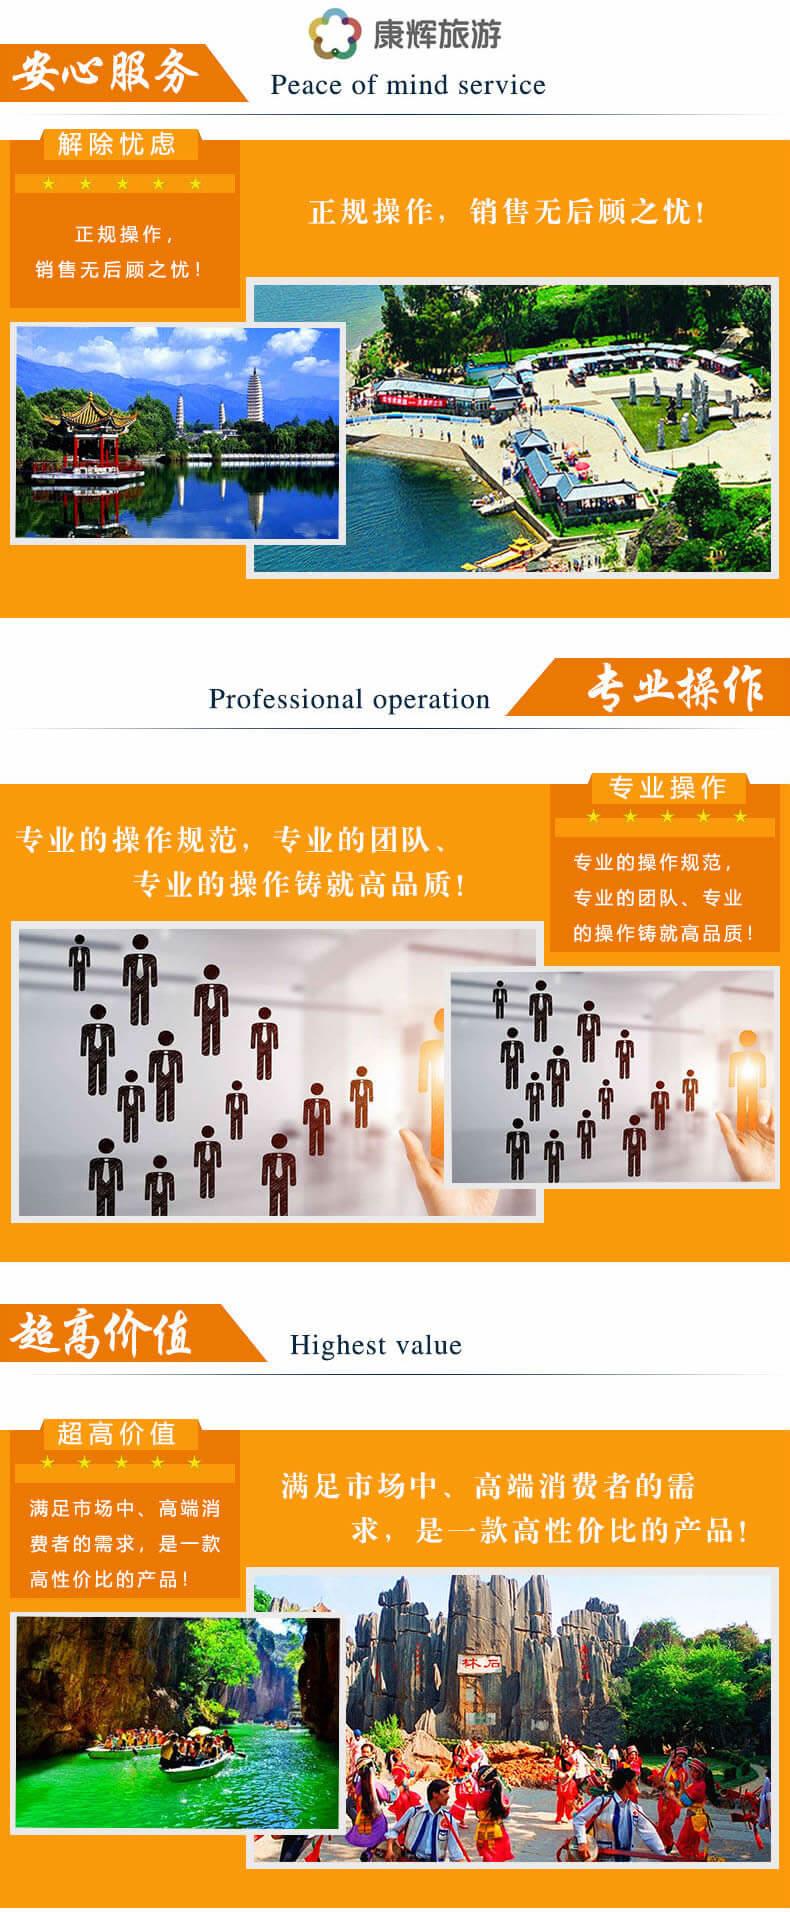 新万博体育手机版大理丽江六app万博